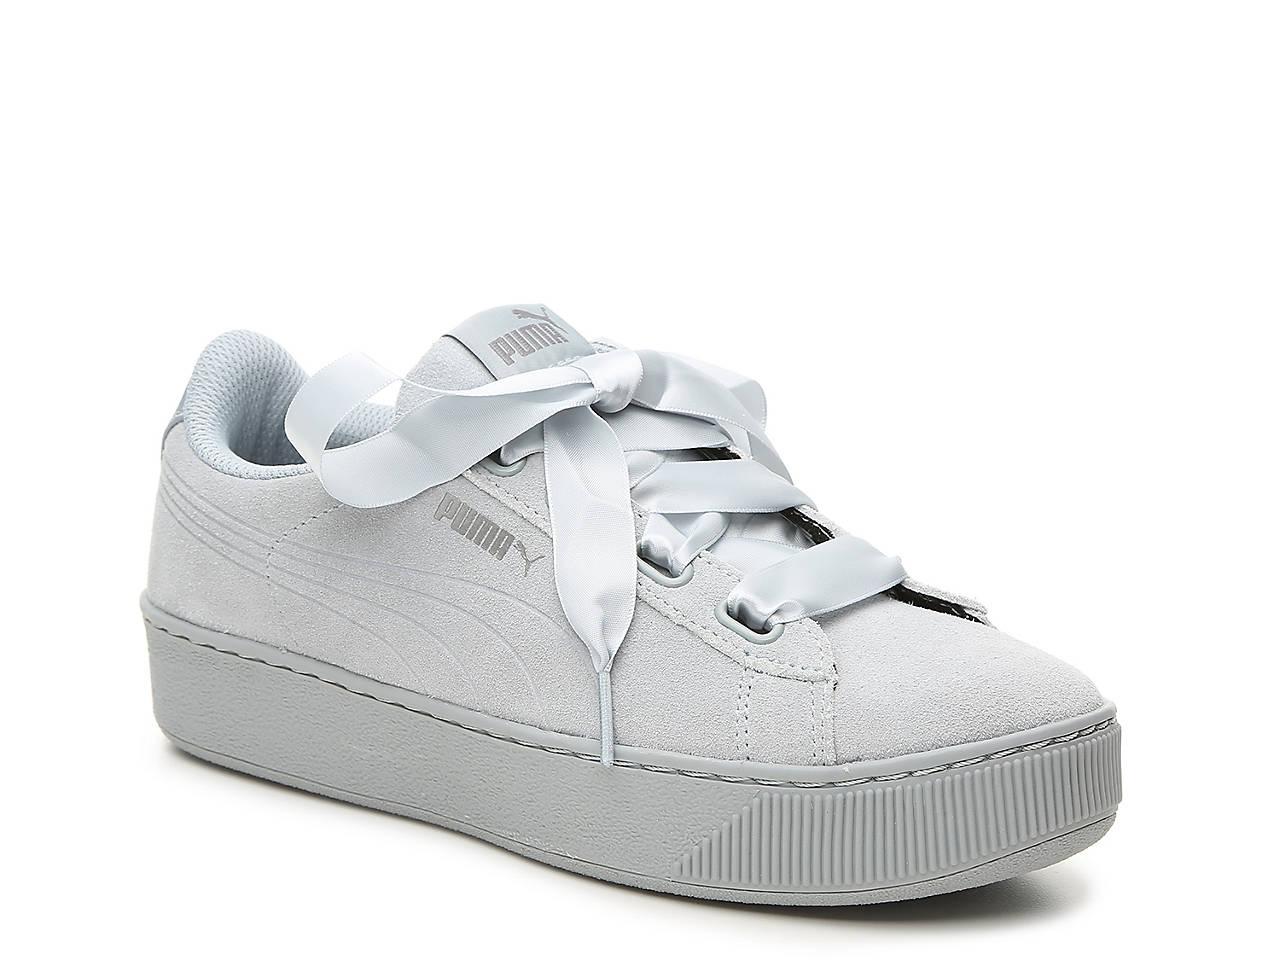 c7656c86d200 Puma Vikky Platform Sneaker - Women s Women s Shoes